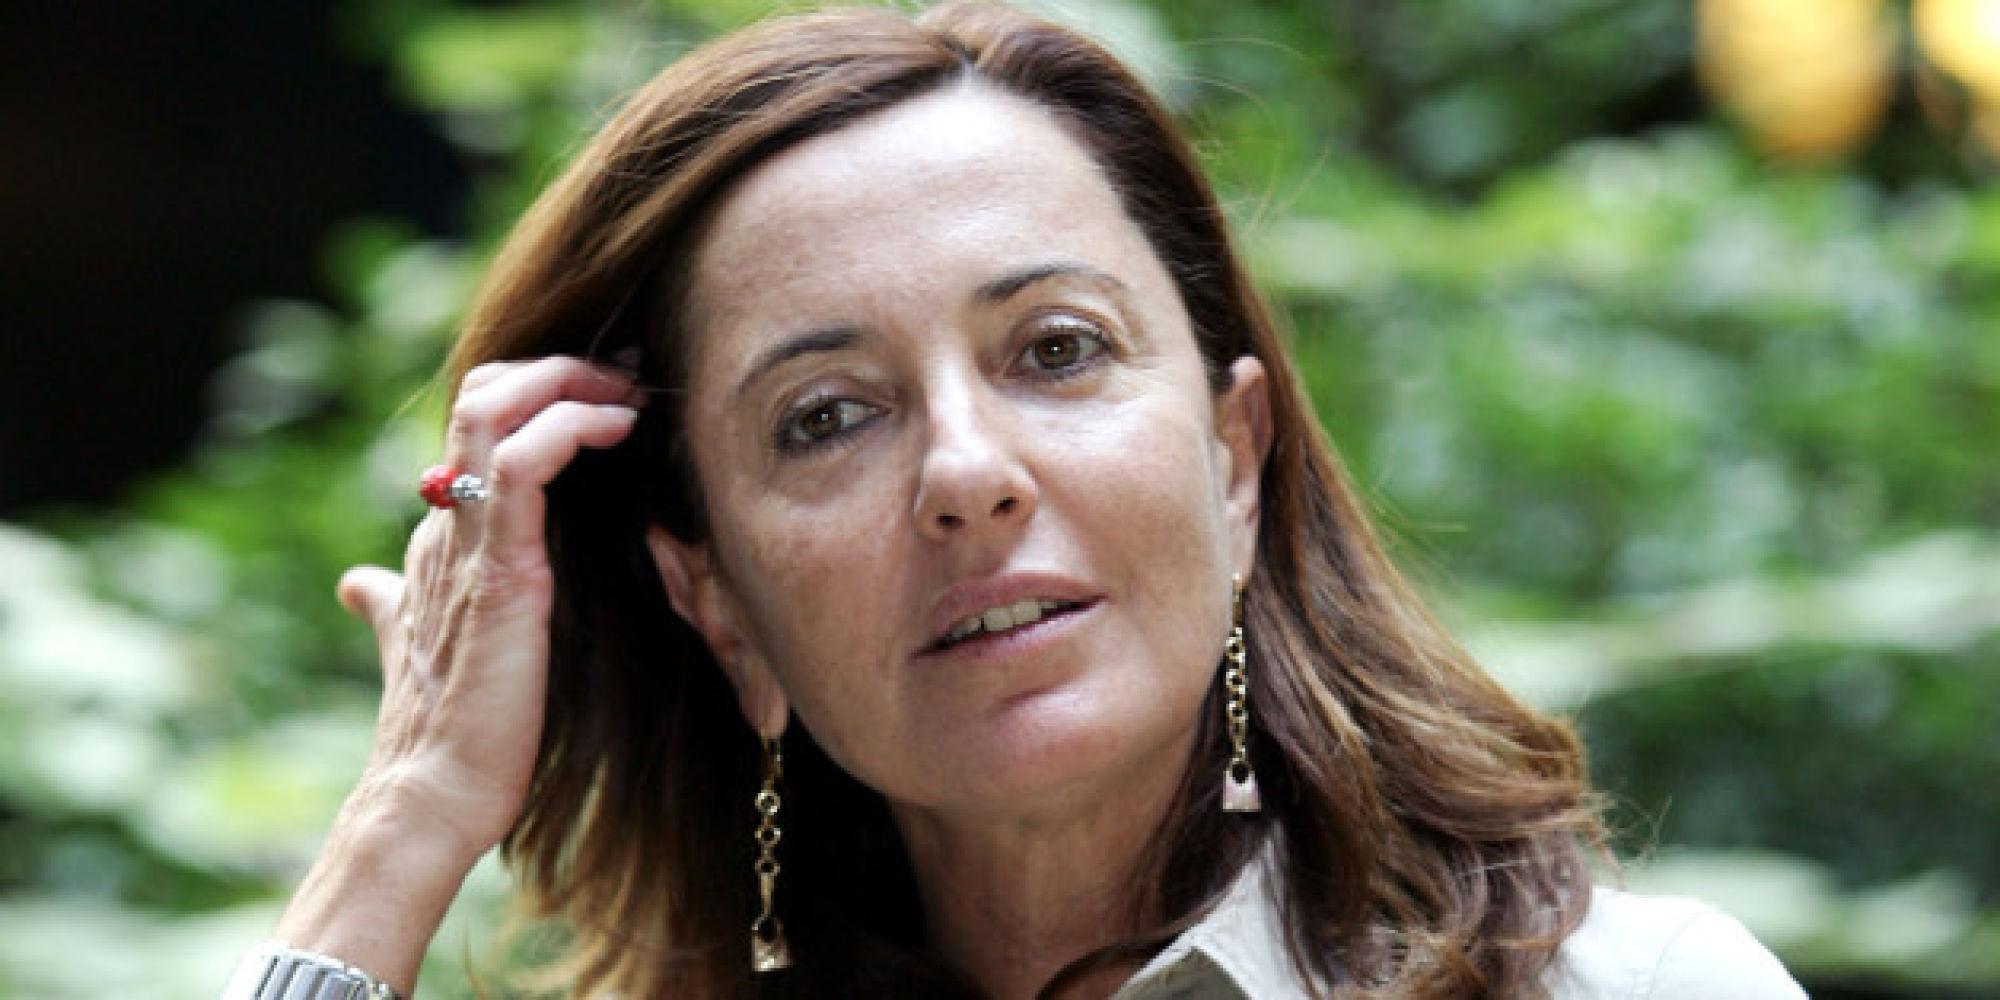 Sul Coraggio E I Giovani Giornalisti Lettera A Barbara Palombelli Senso Comune